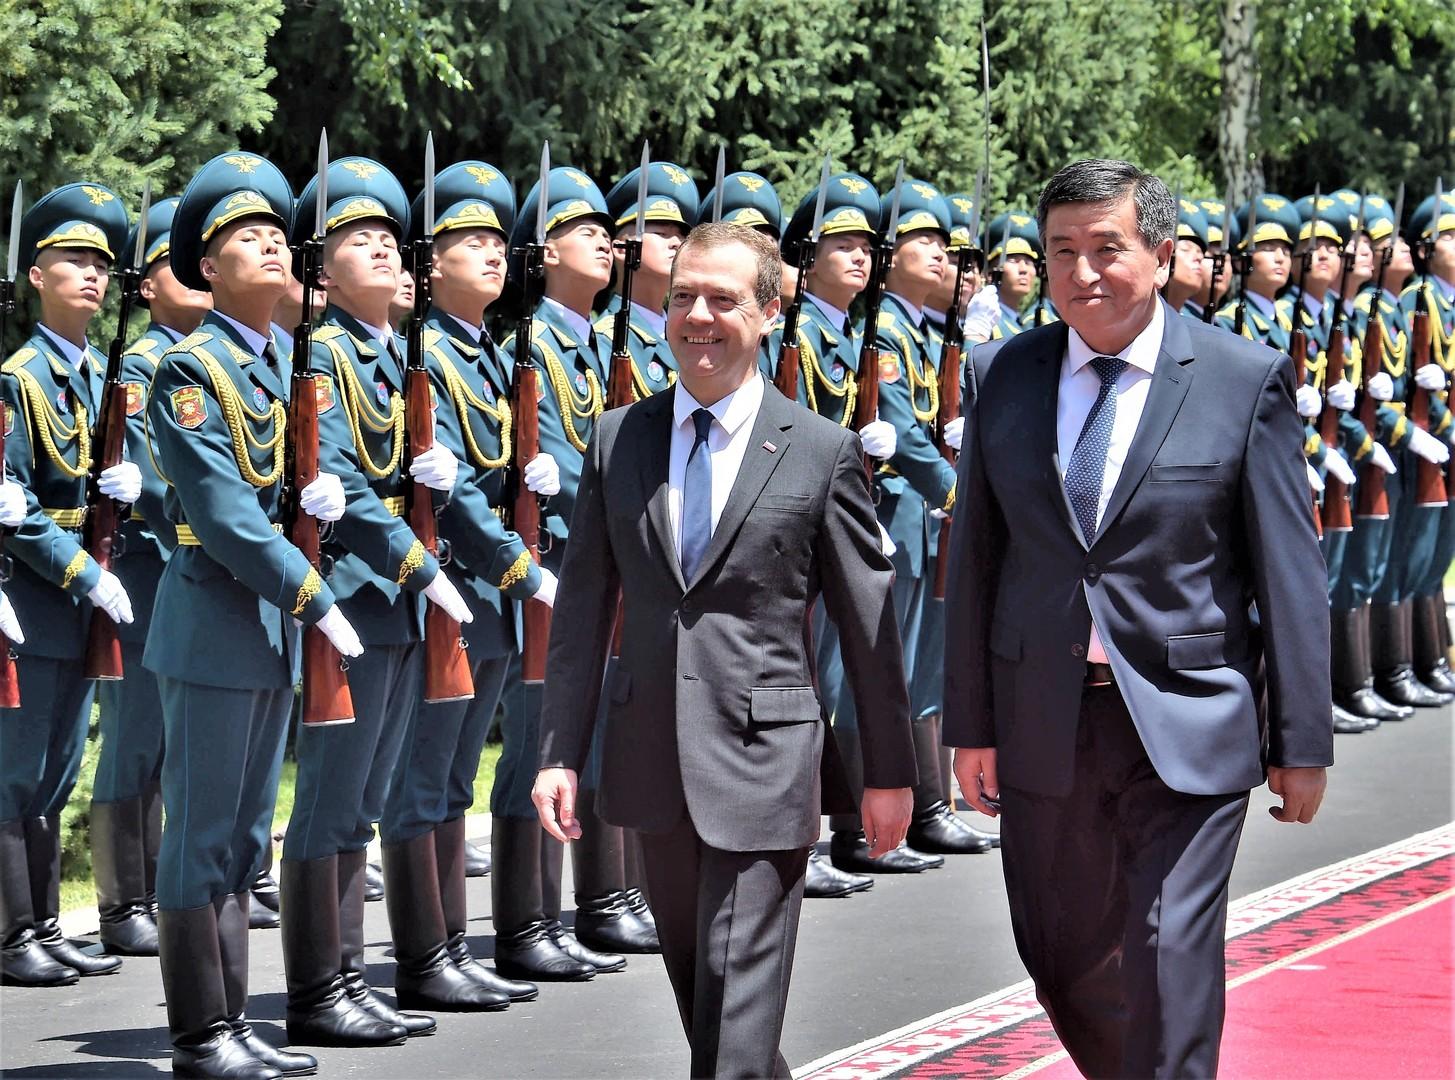 Kirgistan hat seinen Präsidenten gewählt: Die erste reguläre Wahl seit Unabhängigkeit